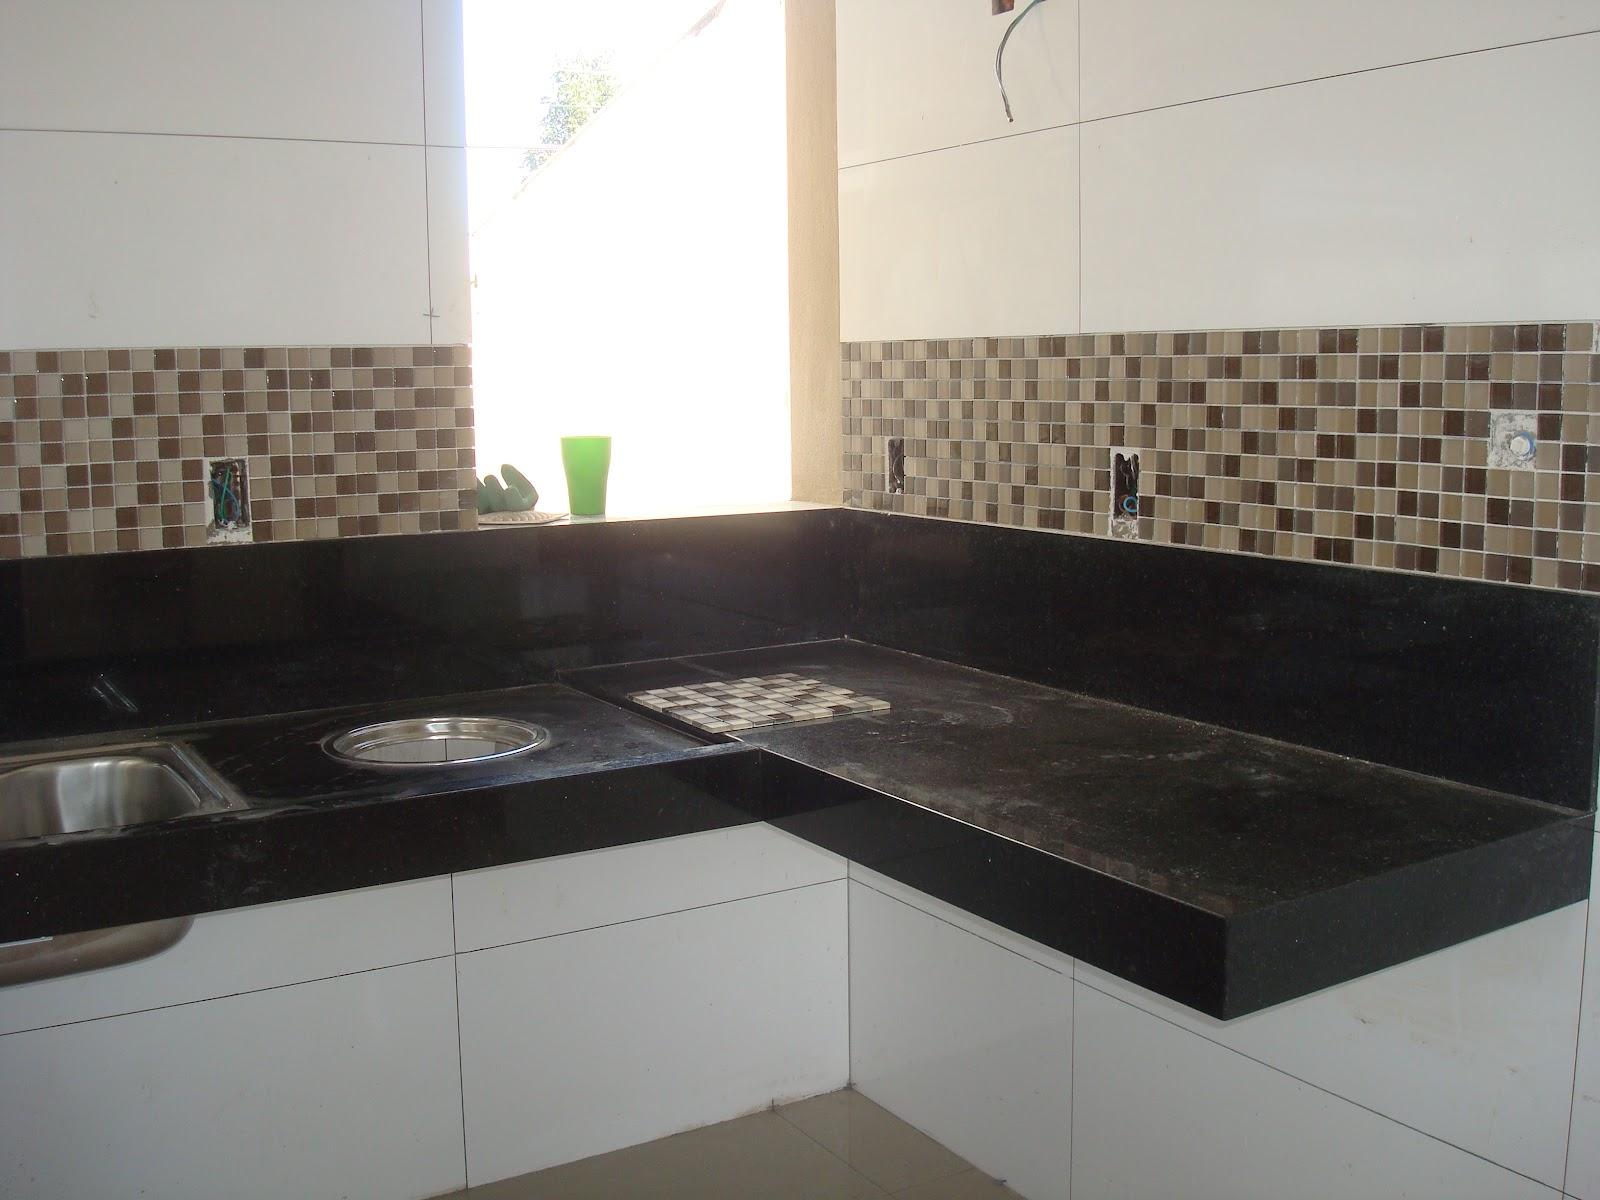 Os armário de cima começa depois daquela parede madeirada e acima  #647A51 1600x1200 Banheiro Com Bancada Preta